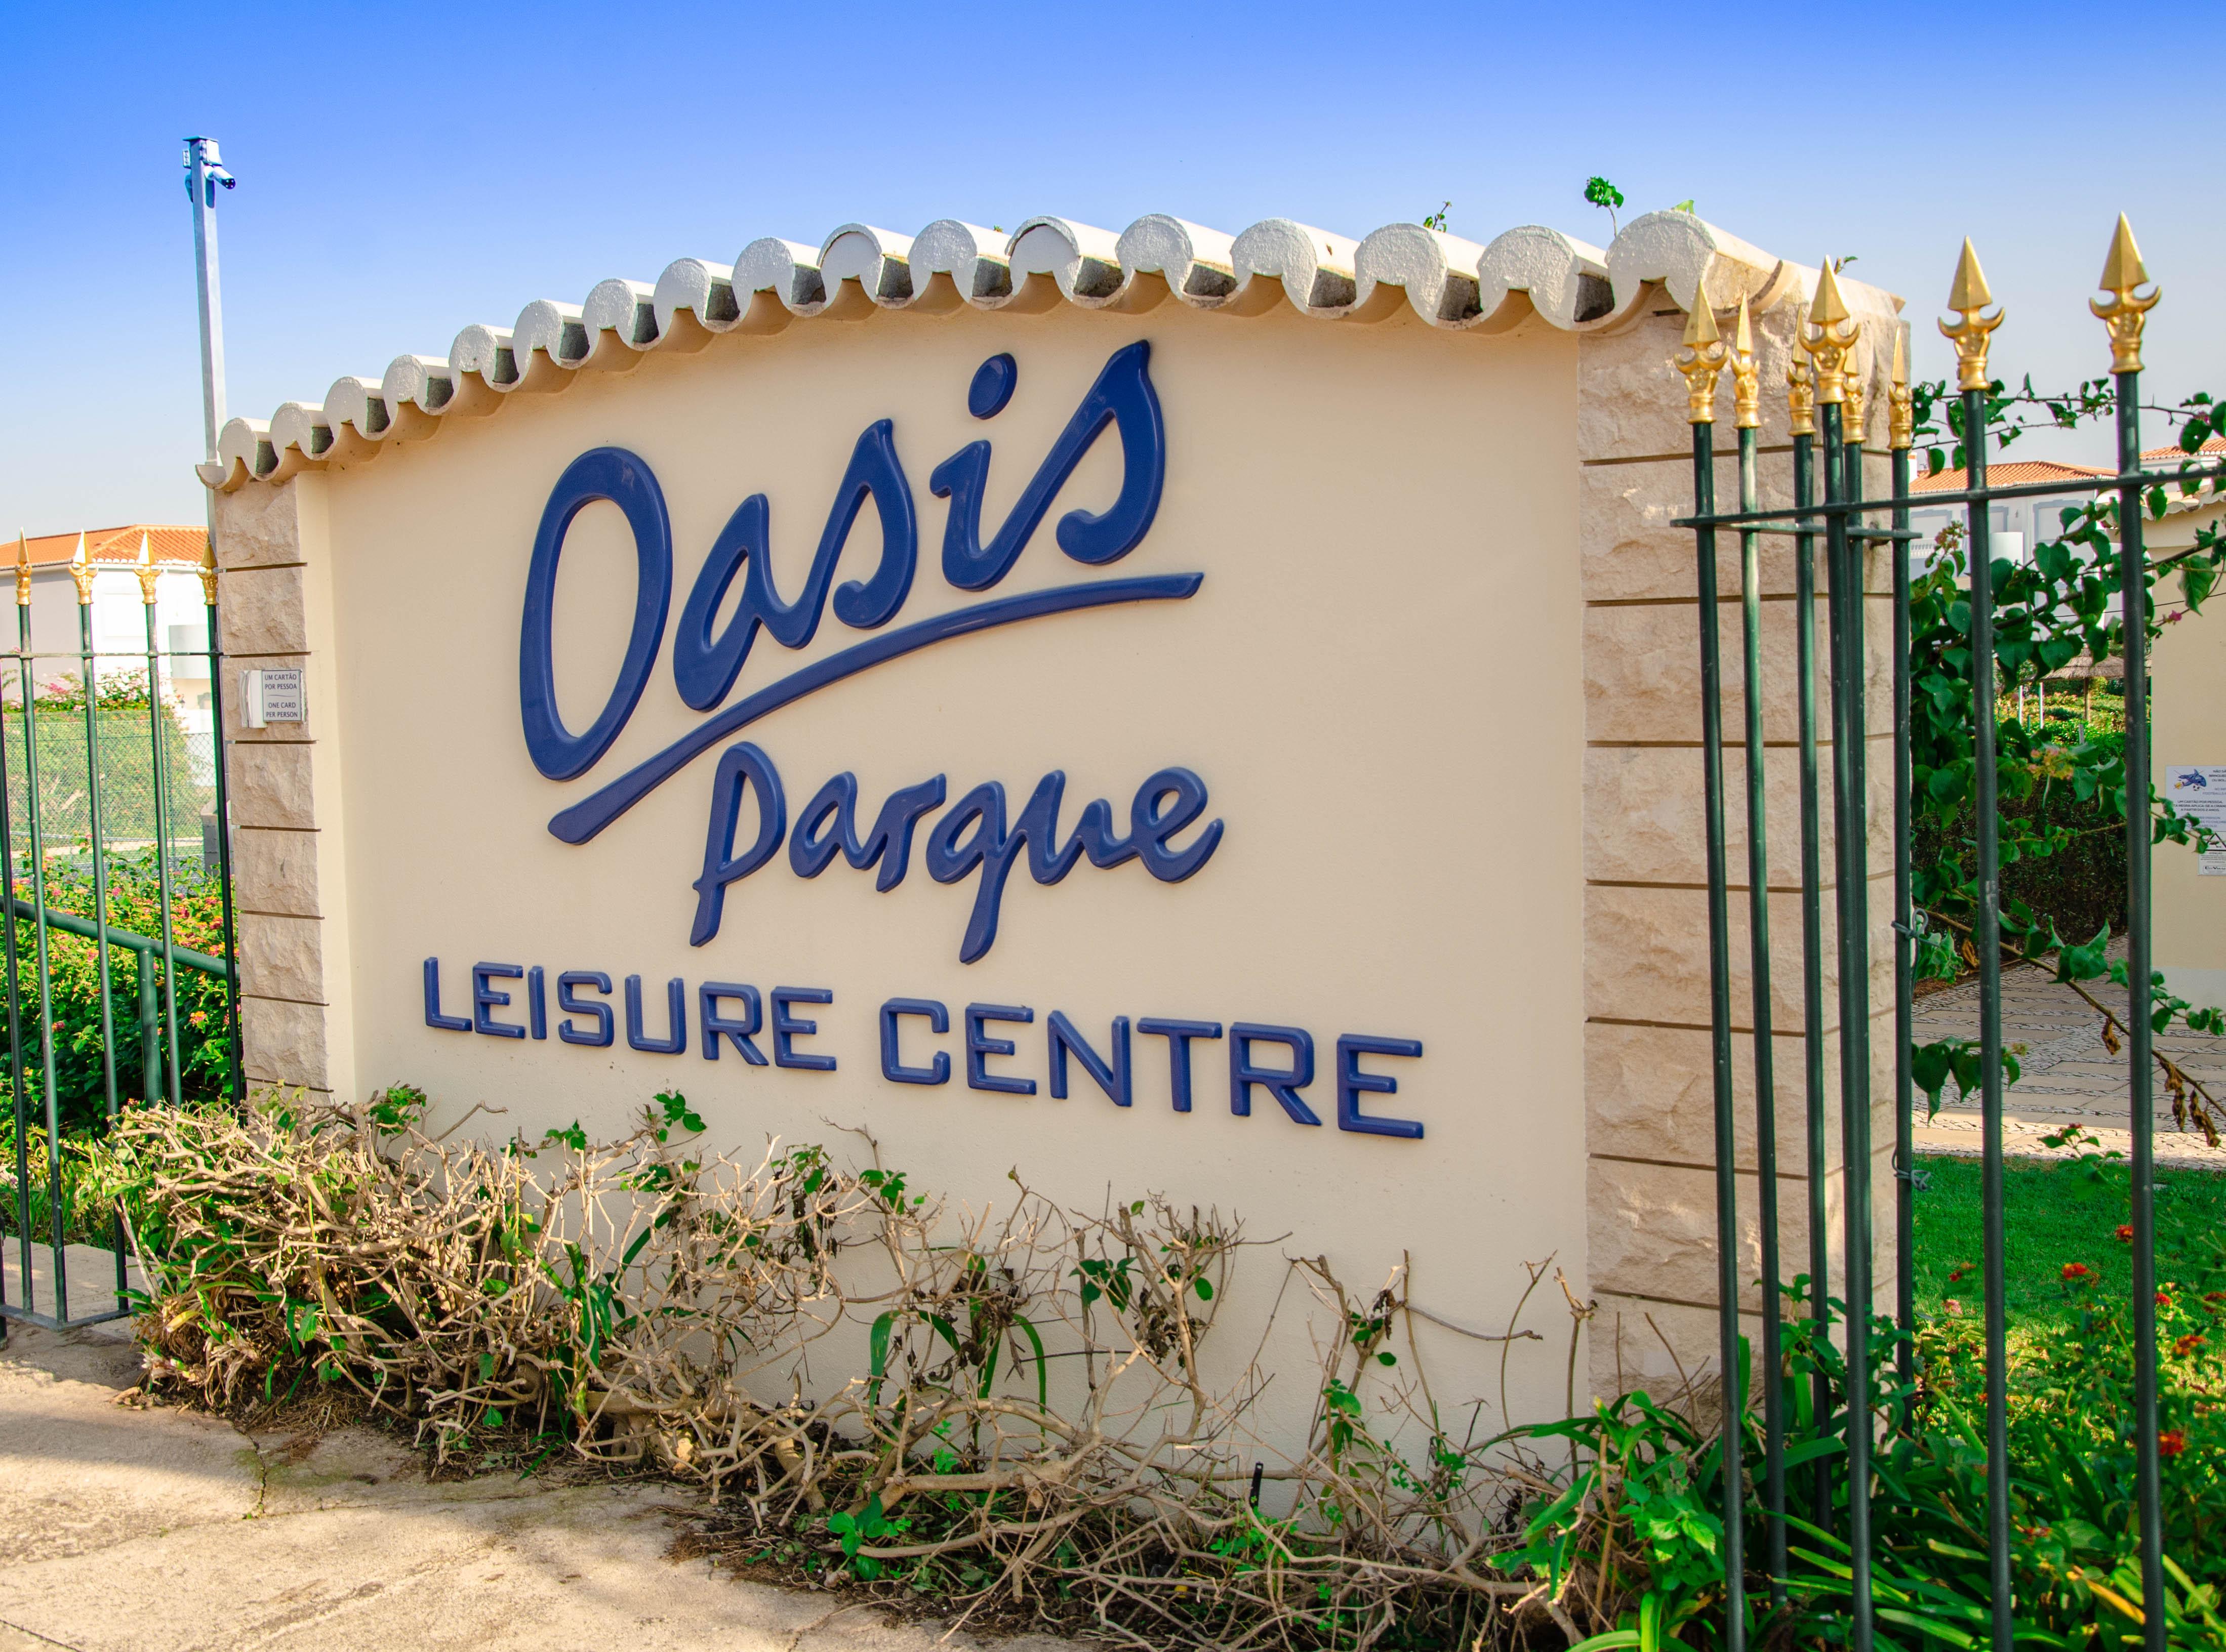 Oasis Parque Entrance